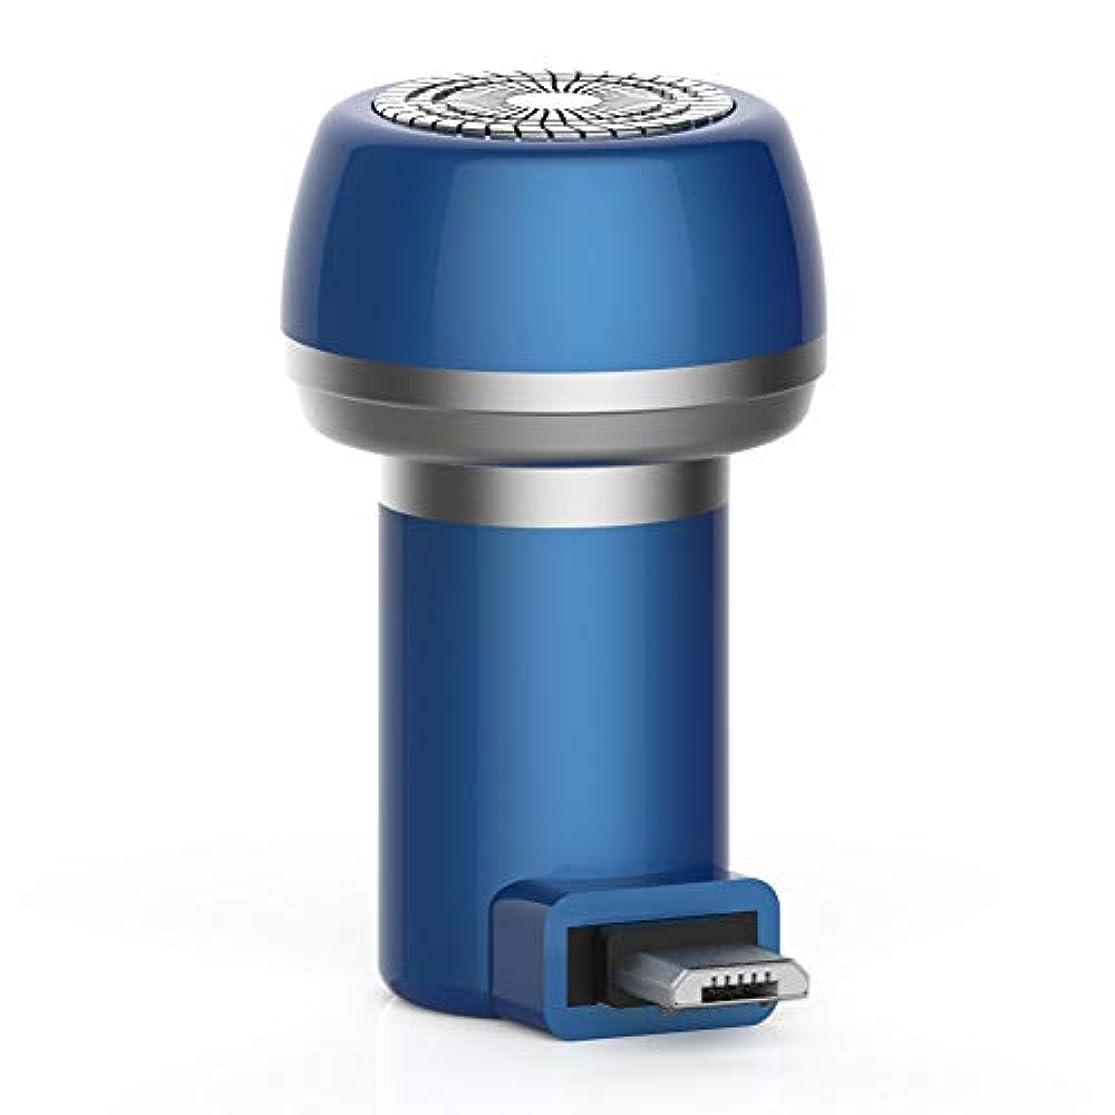 持つ節約準備したBeaurtty 2 1磁気電気シェーバーミニポータブルType-C USB防水剃刀